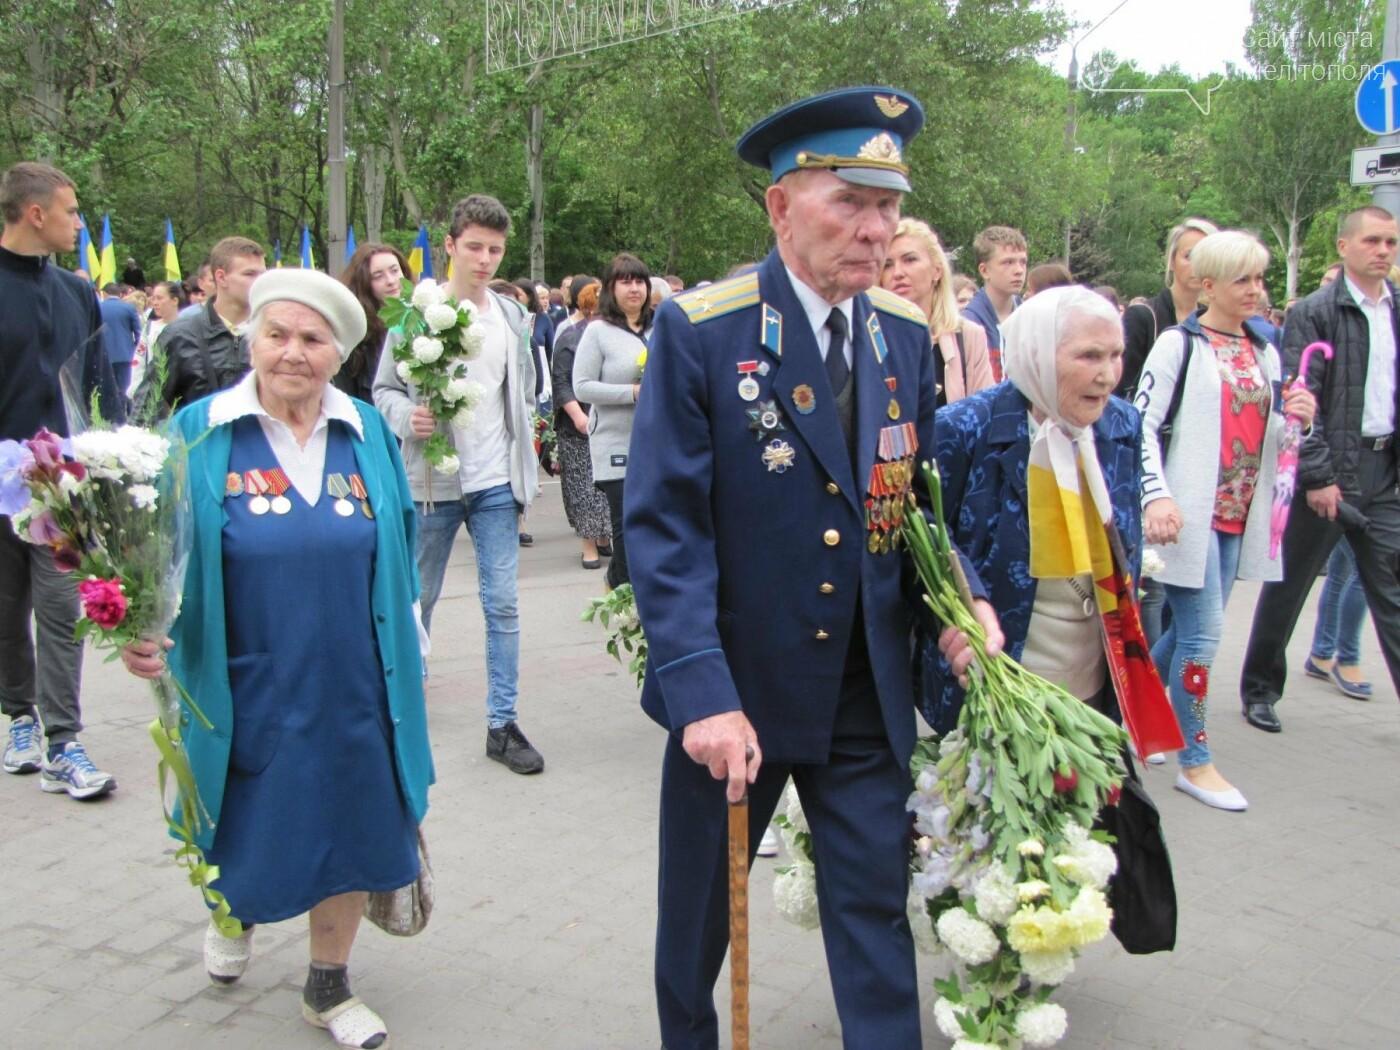 Мелитополь празднует День Победы - не обошлось без провокаторов, фото-2